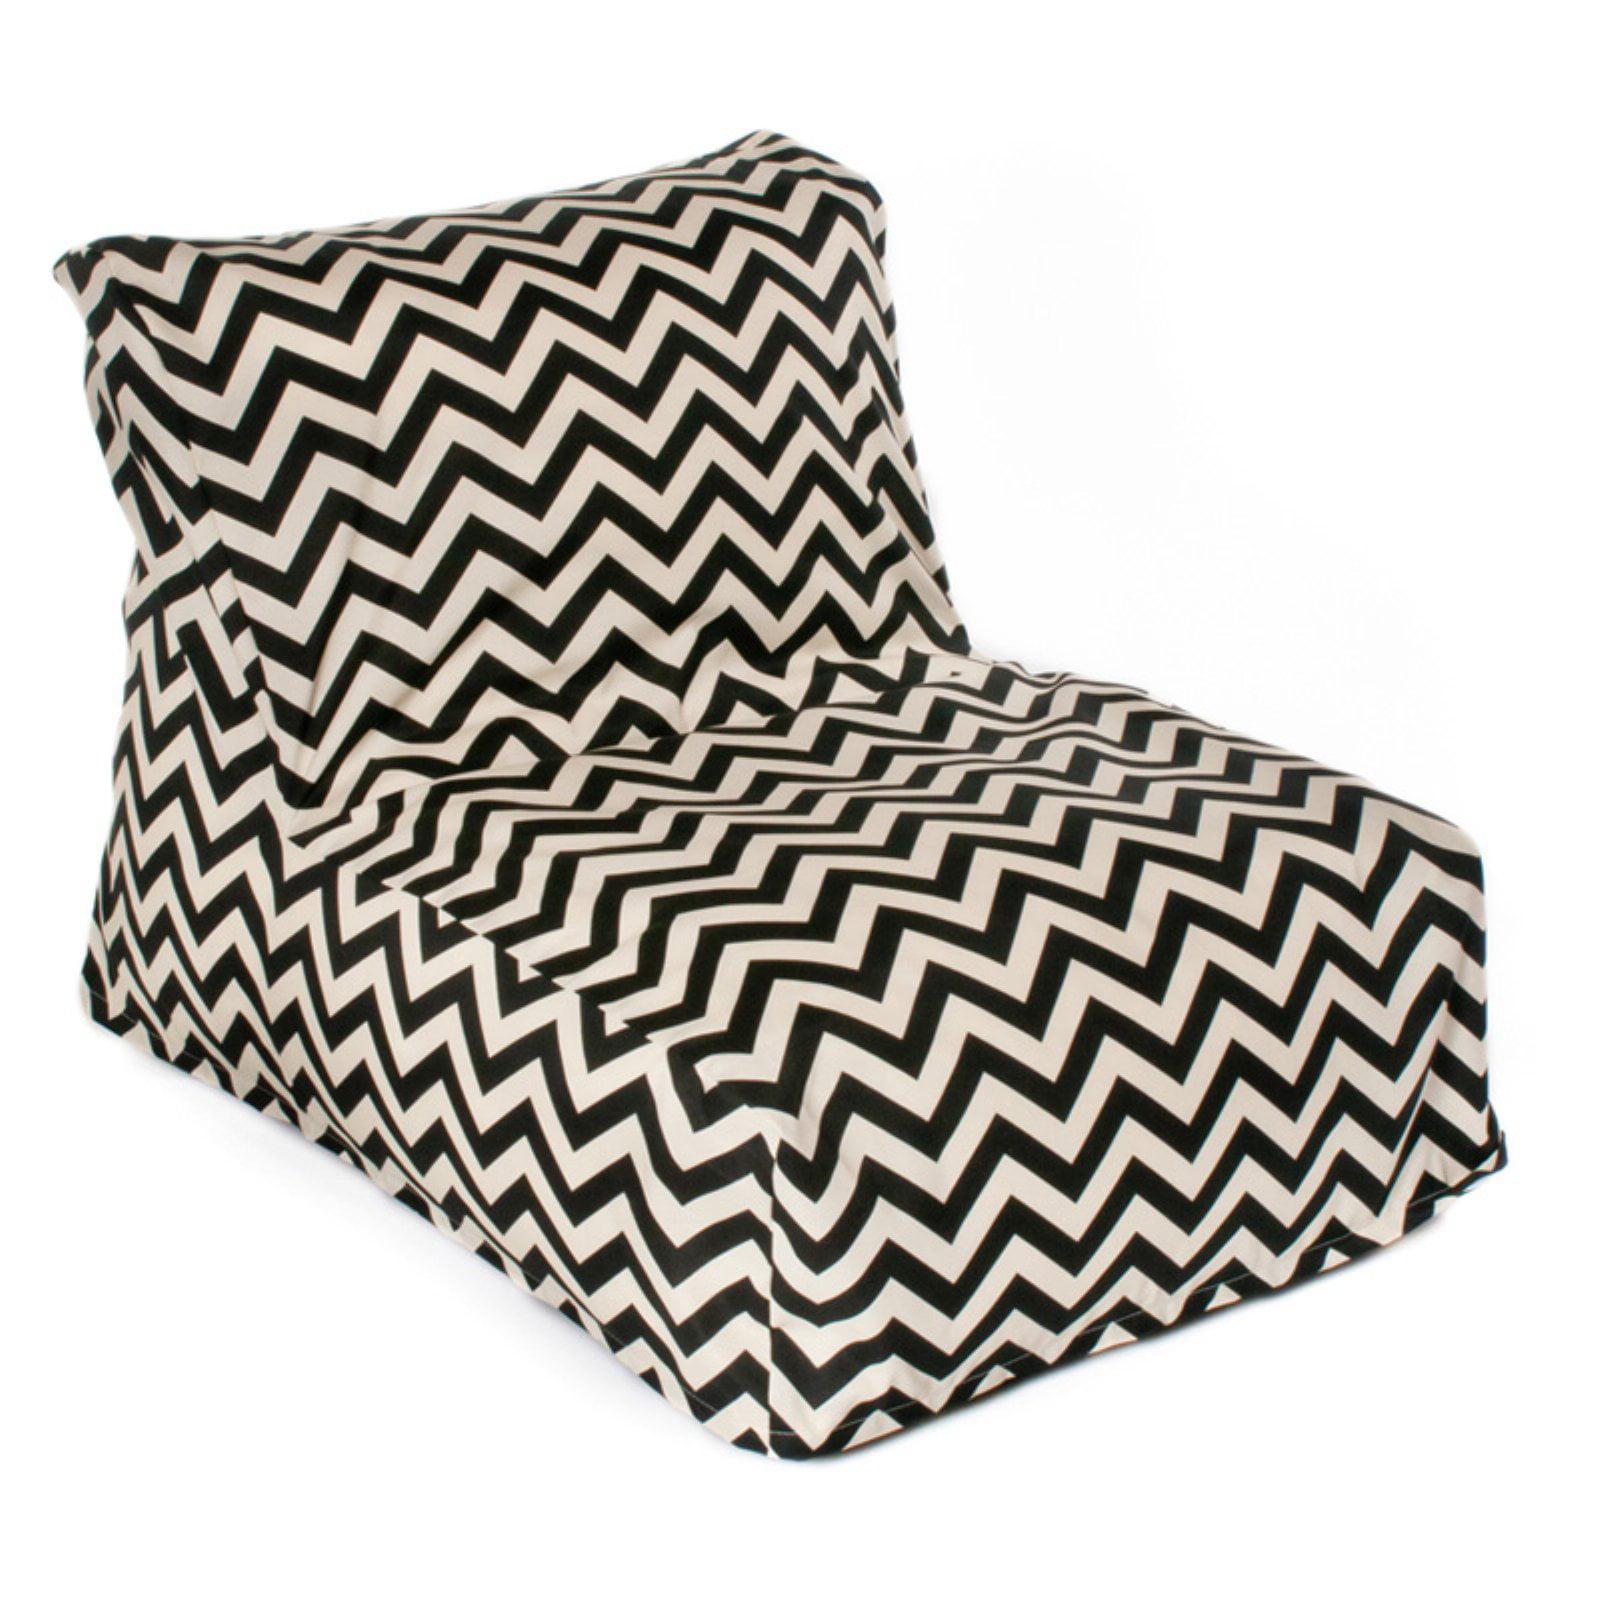 Fabulous Hrh Designs Indoor Outdoor Beanbag Chair Chevron Inzonedesignstudio Interior Chair Design Inzonedesignstudiocom